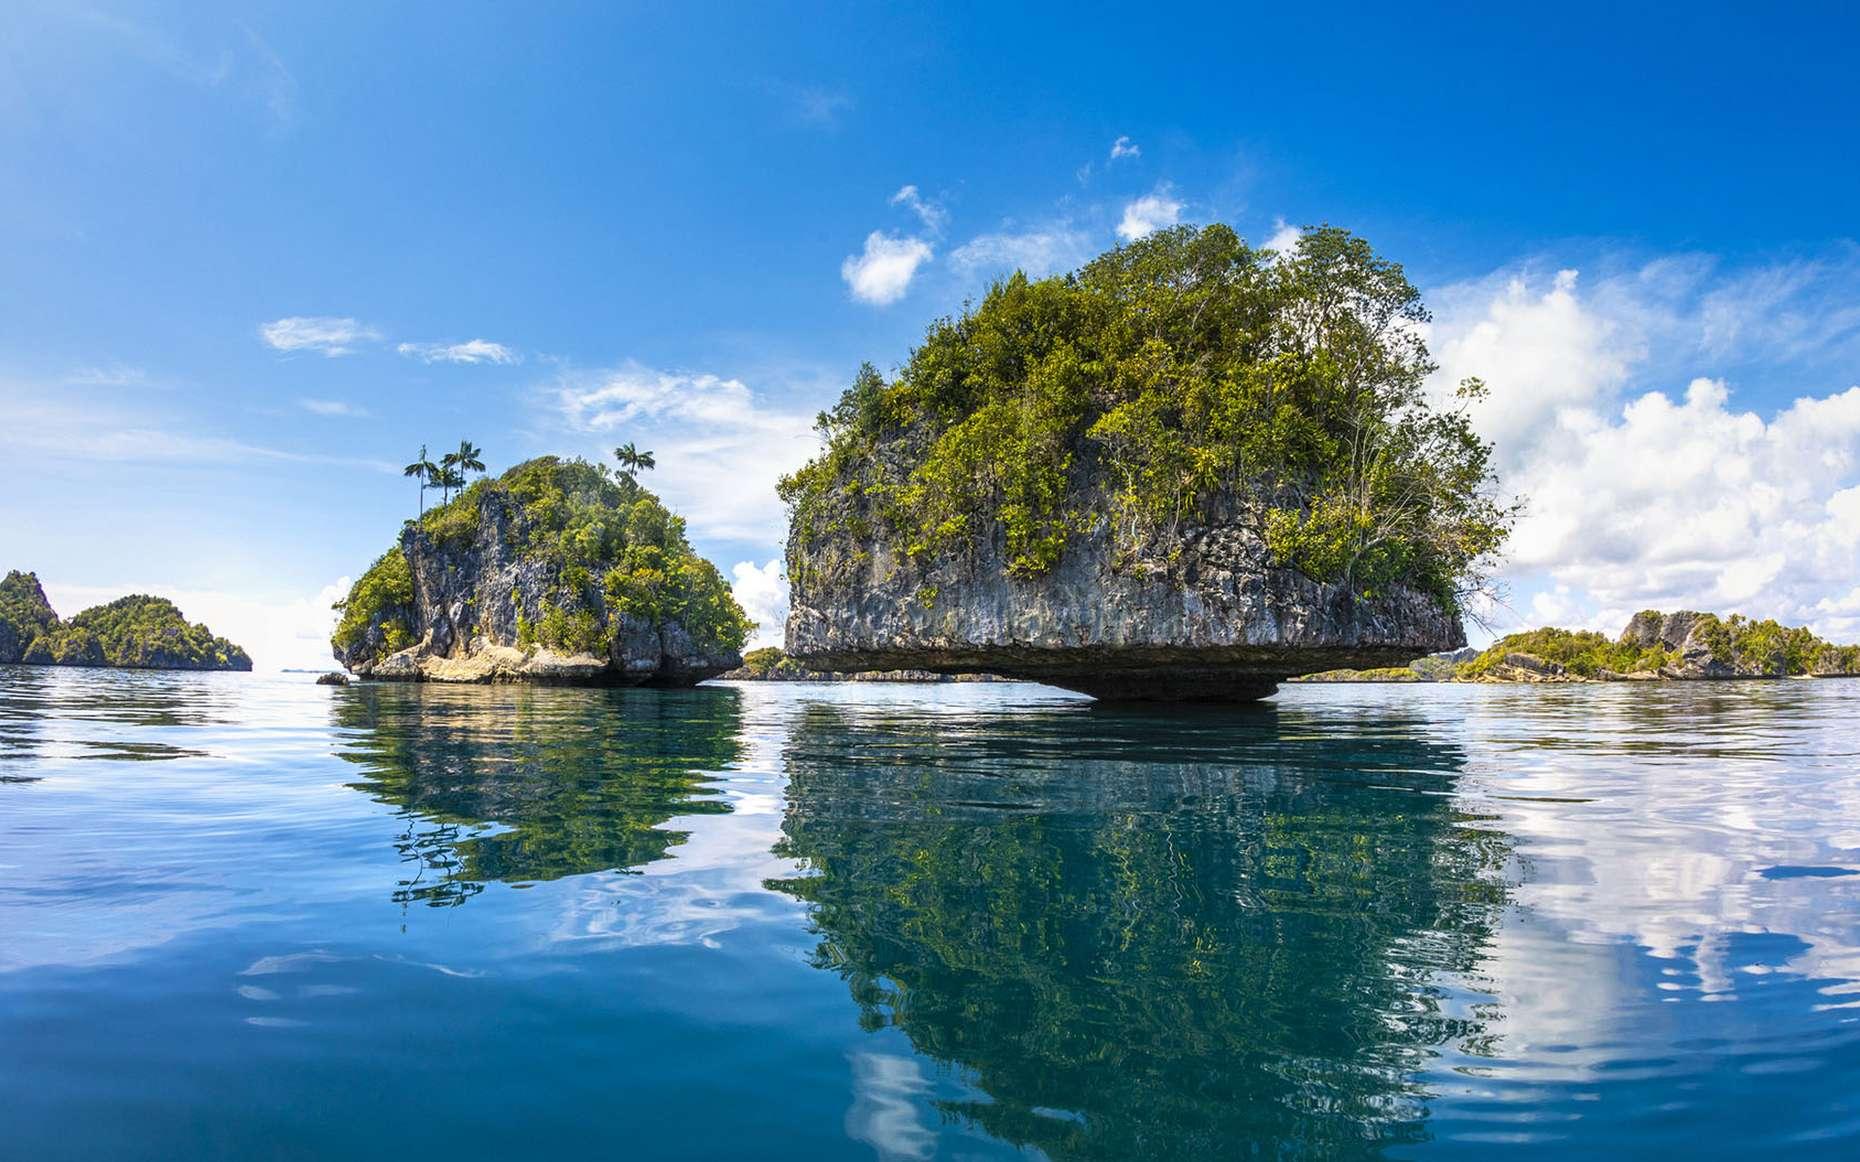 Partons à la découverte de Raja Ampat avec Gabriel Barathieu pour une fabuleuse plongée haute en couleur. © Gabriel Barathieu